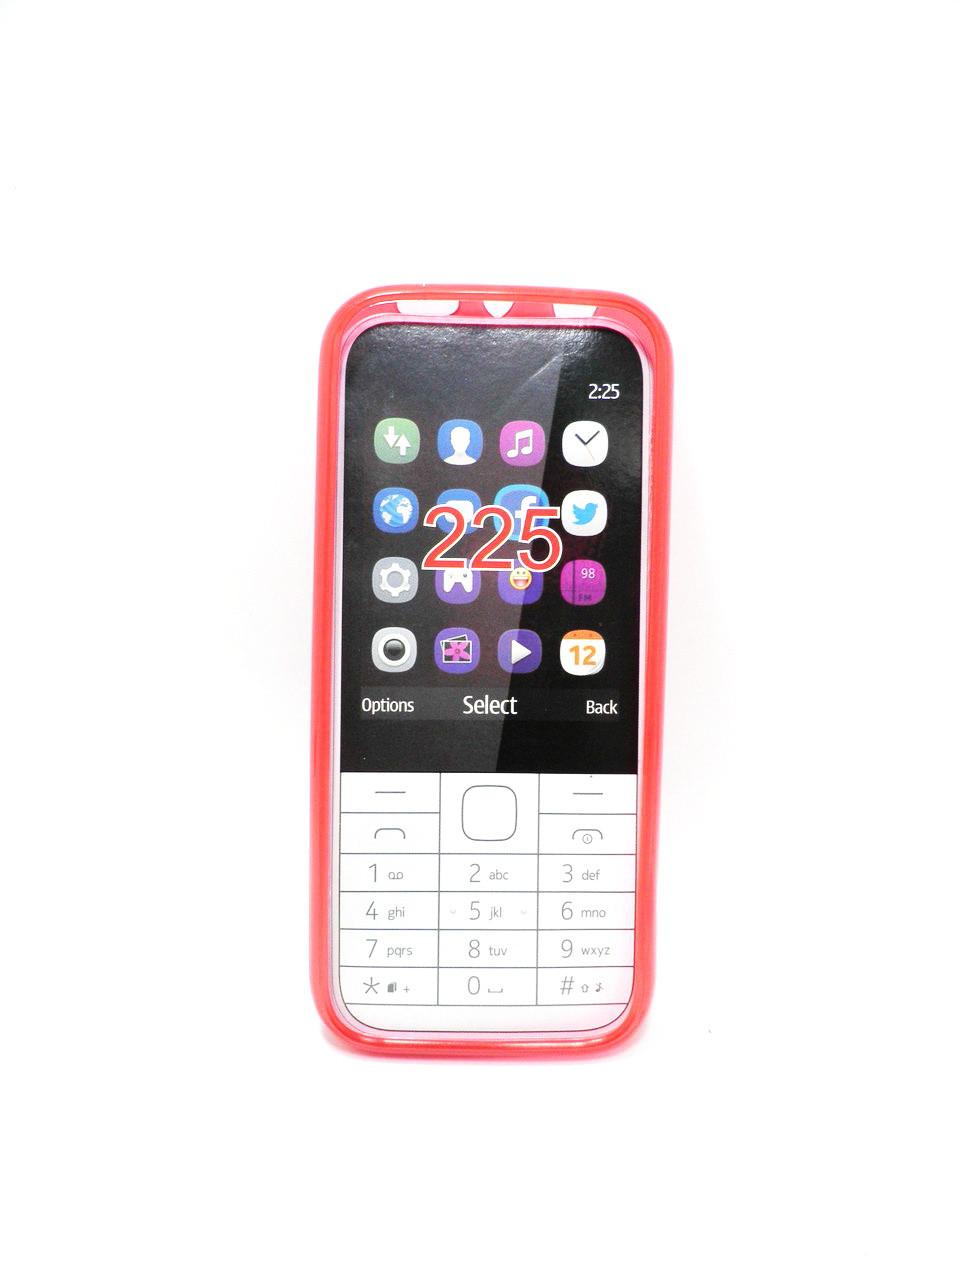 Накладка Nokia 225 ,,Силикон,, красная